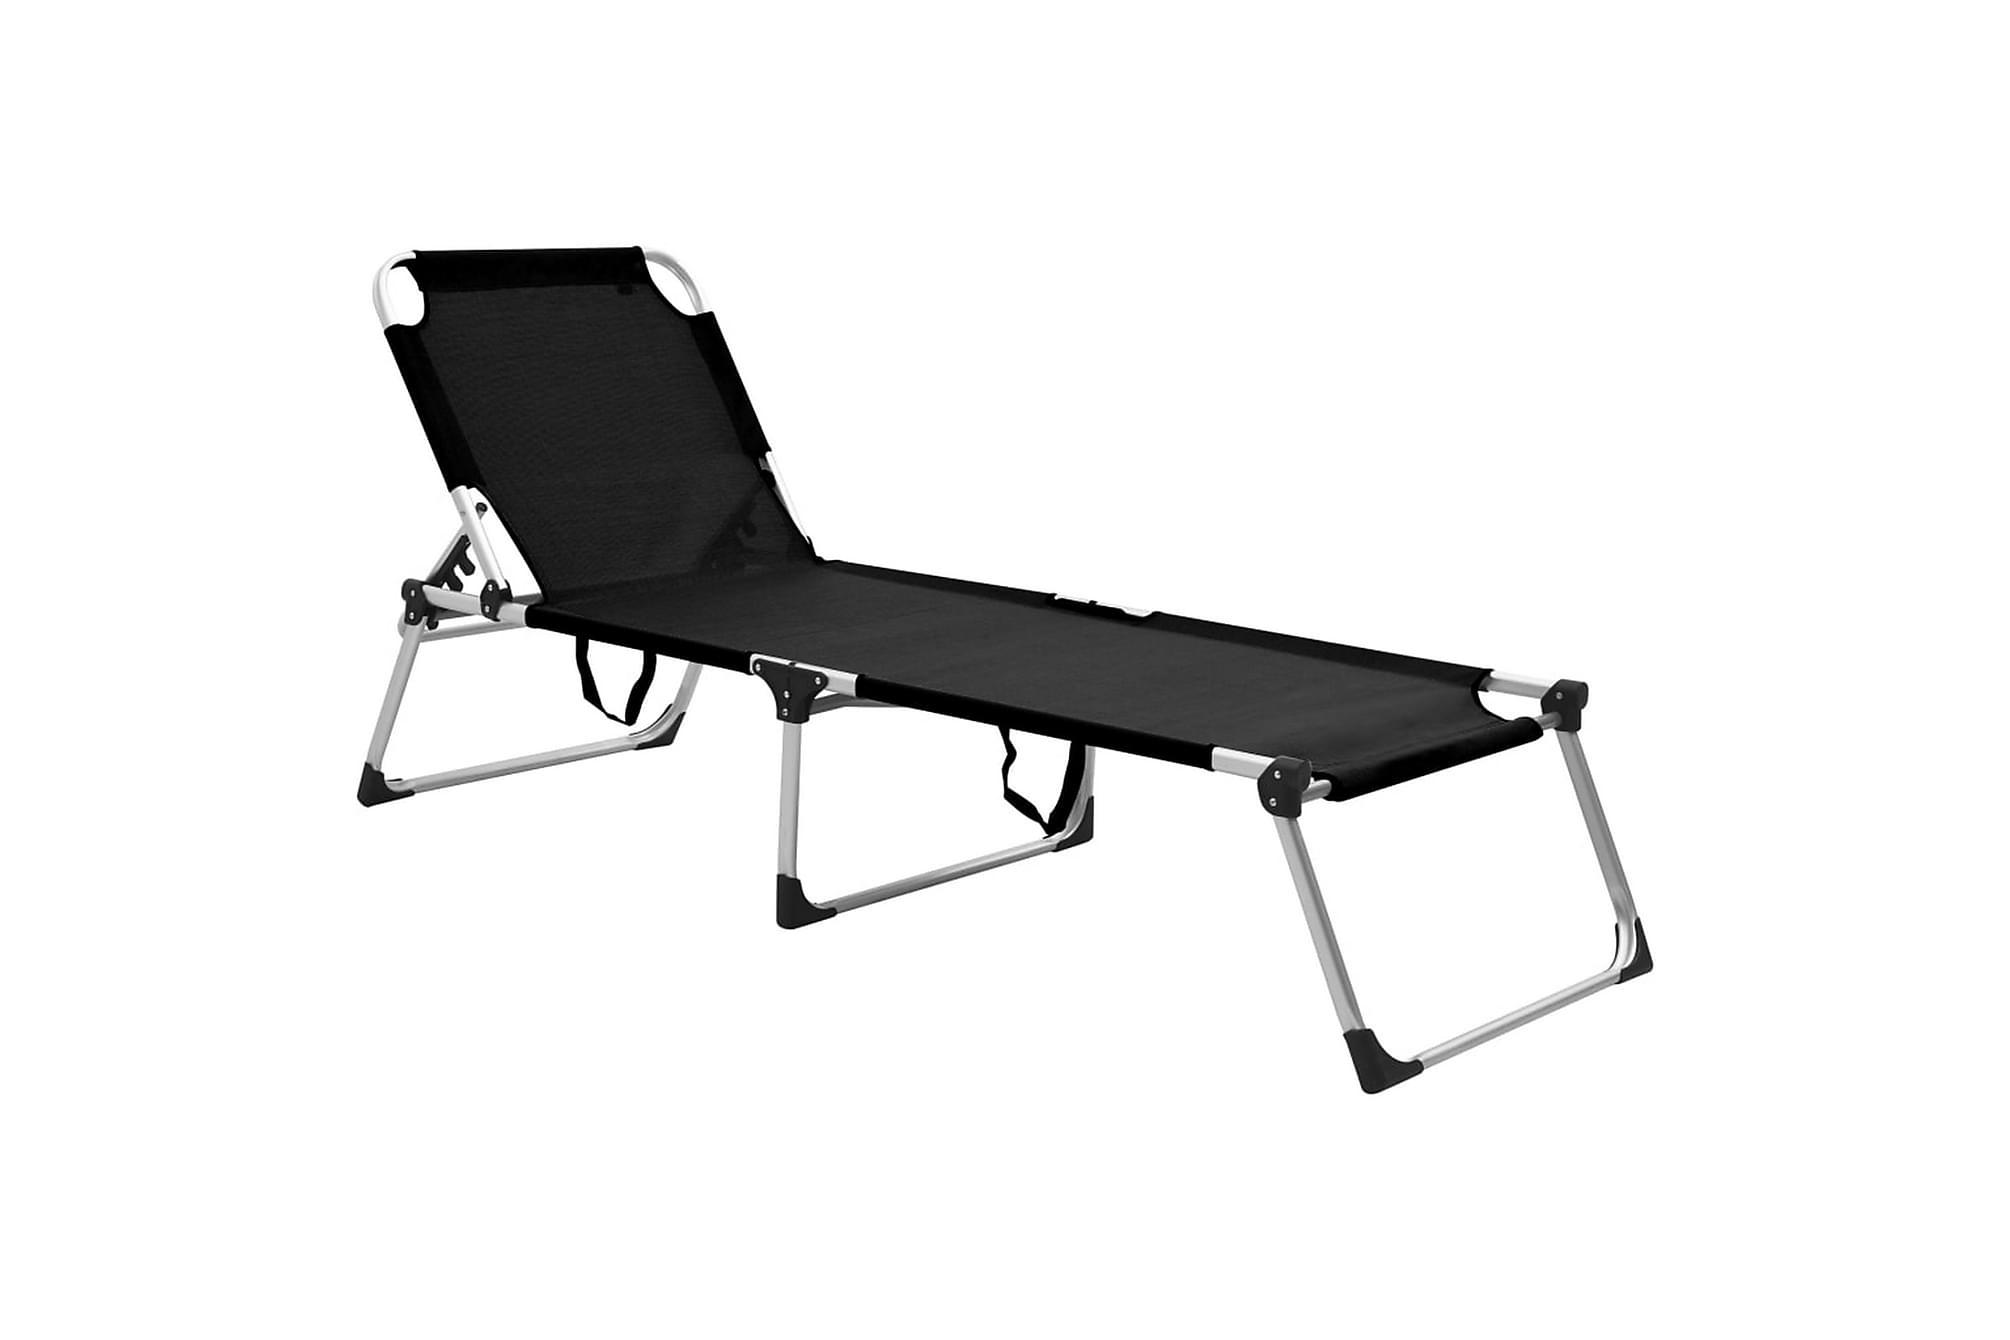 Extra hög solstol för seniorer hopfällbar svart aluminium, Solstol